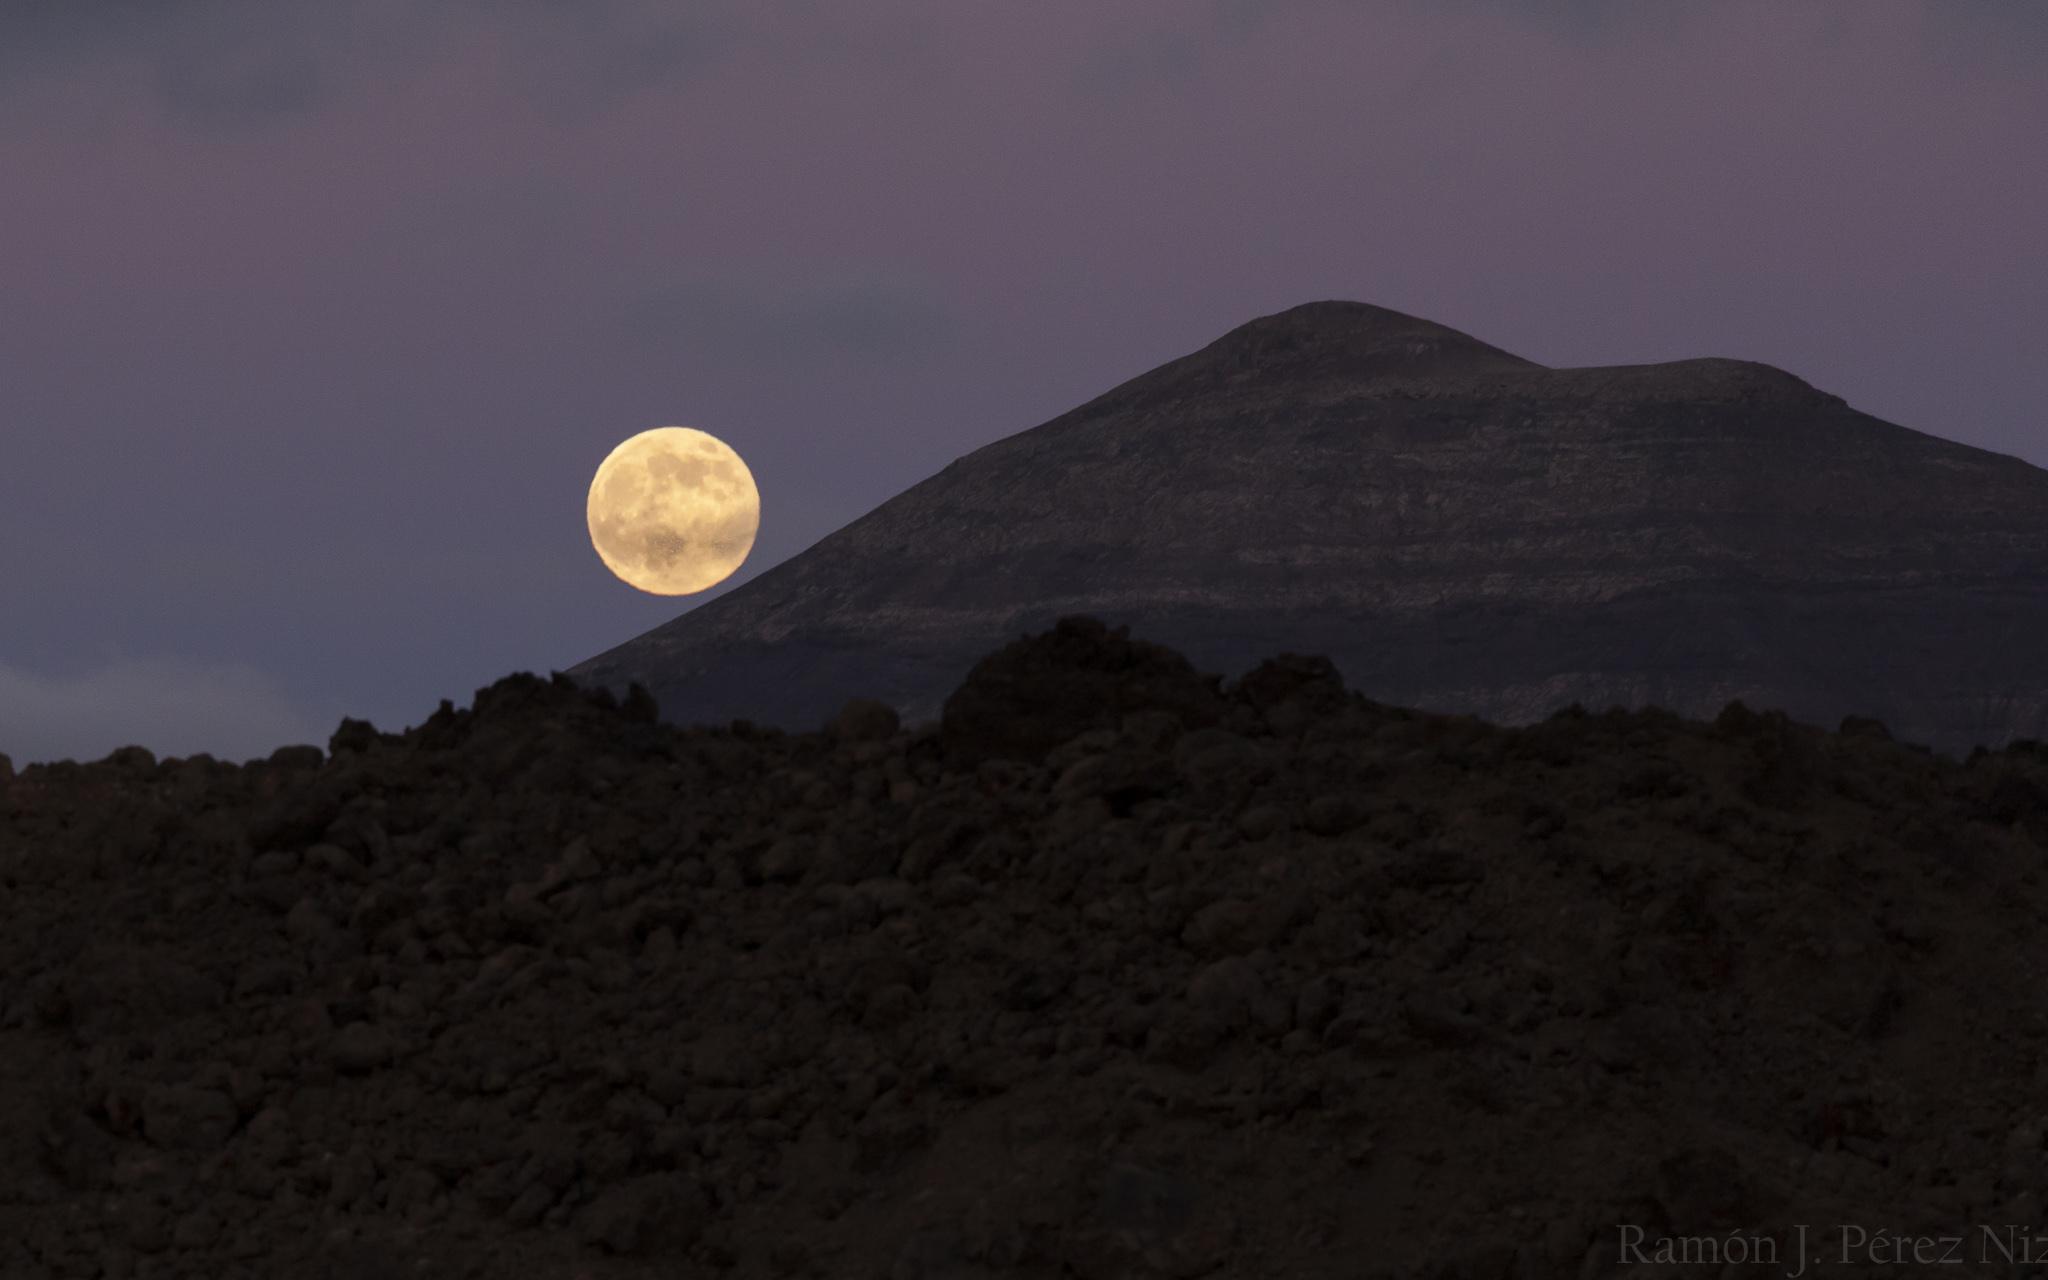 Foto de Ramón Pérez Niz, puesta de sol y luna grande